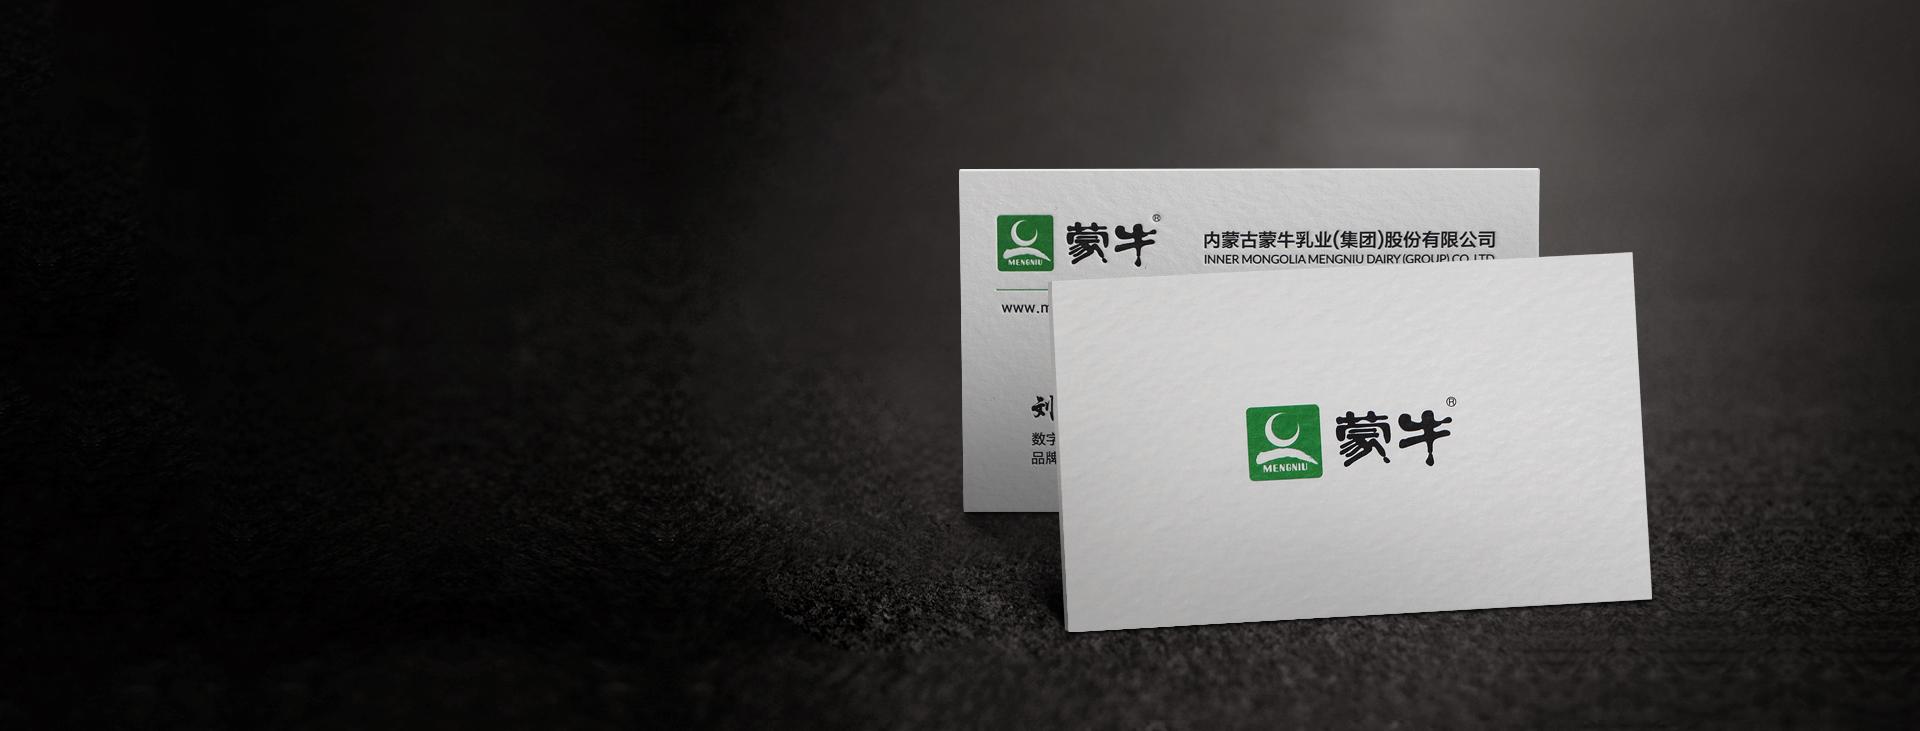 臺灣原生棉紙印刷